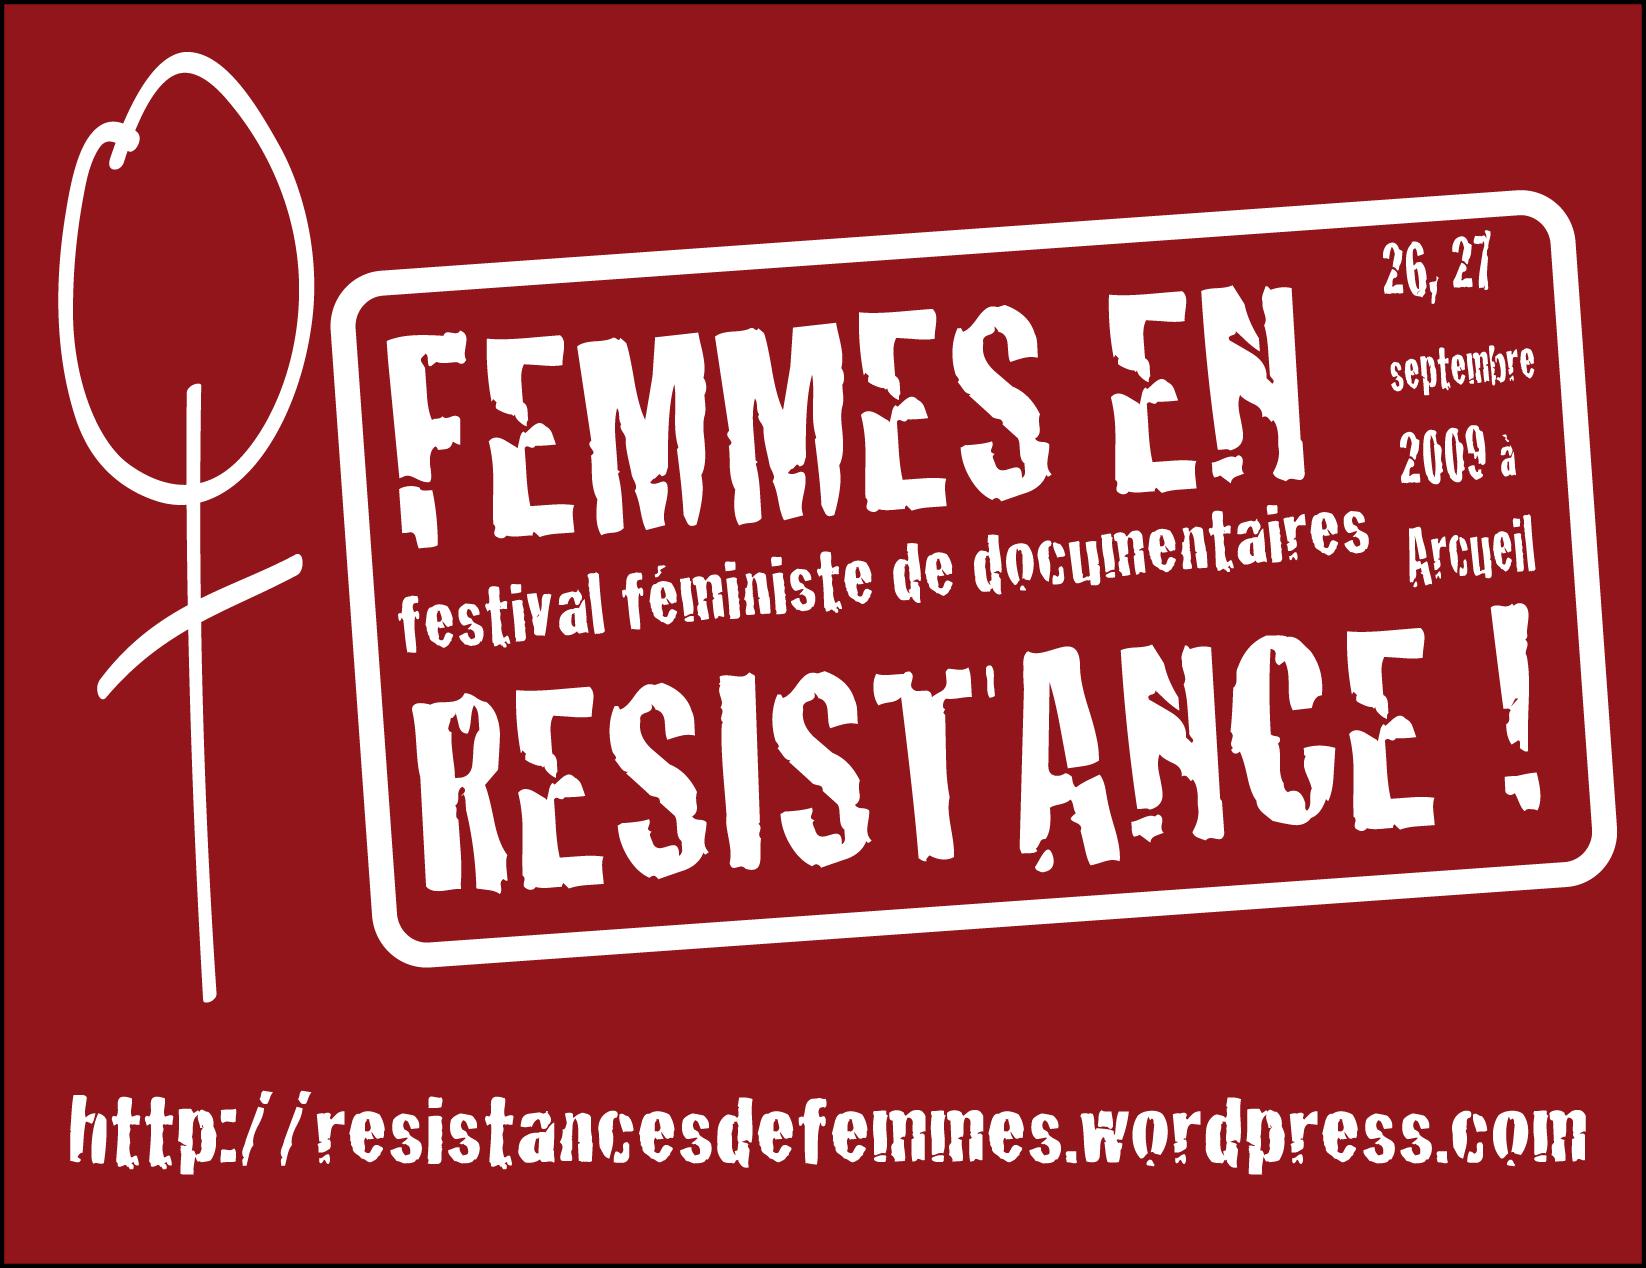 femmes-en-resistance-2009v42